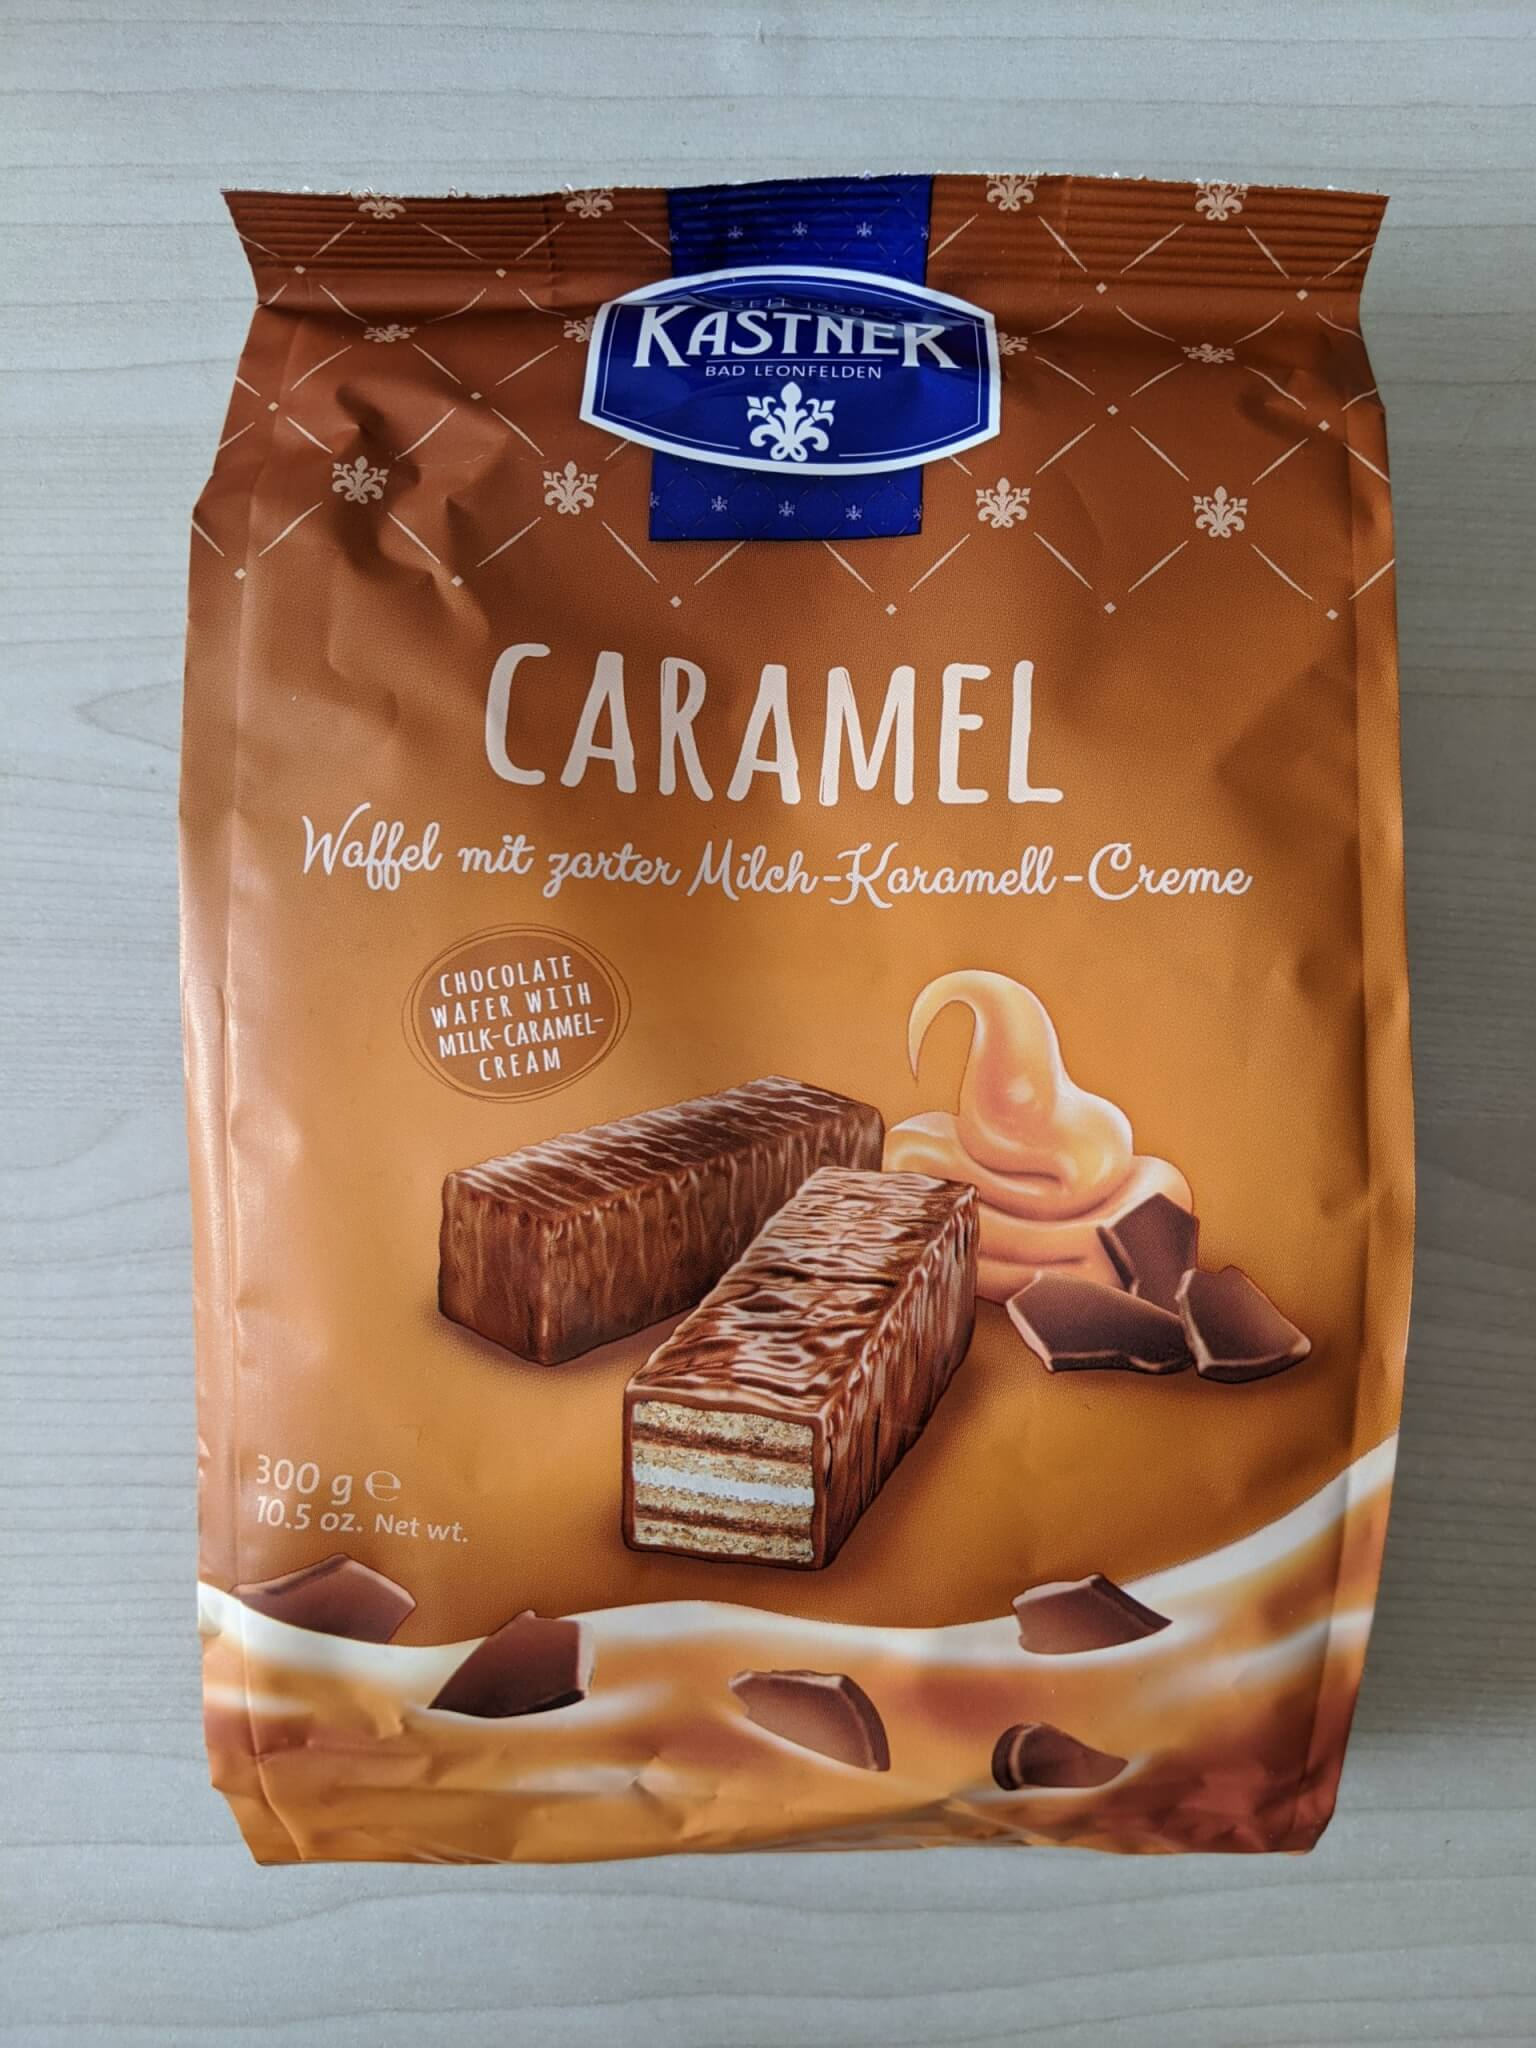 カストナー チョコレートウエハースキャラメル